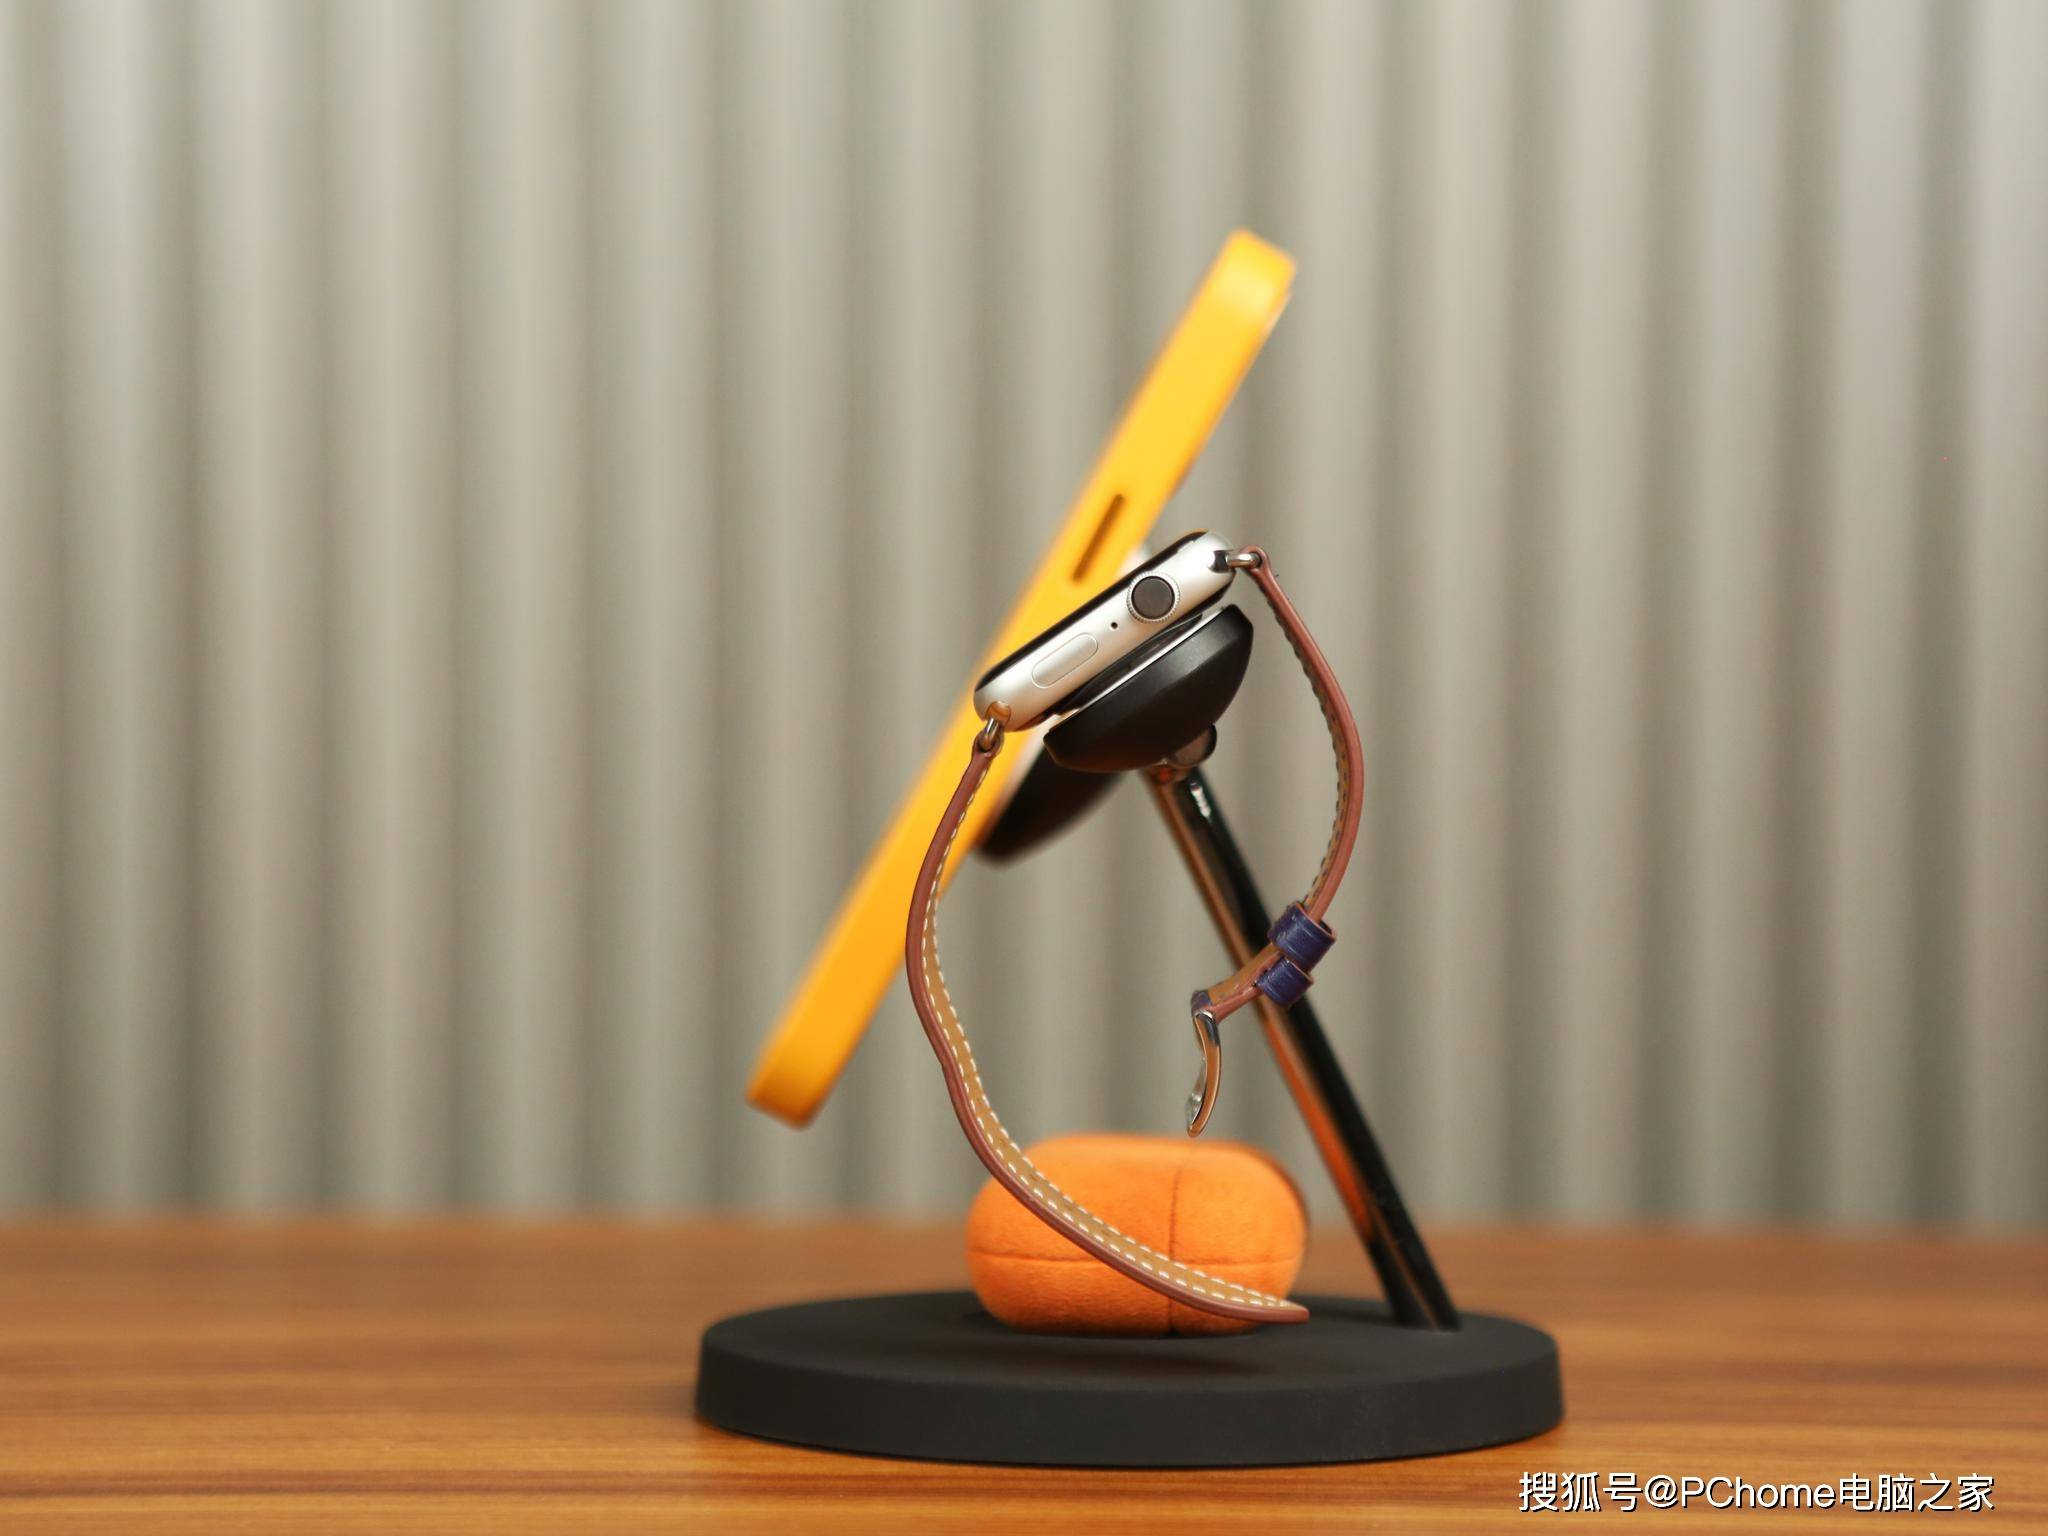 贝尔金BOOST Charge Pro体验:让充电更有品质感